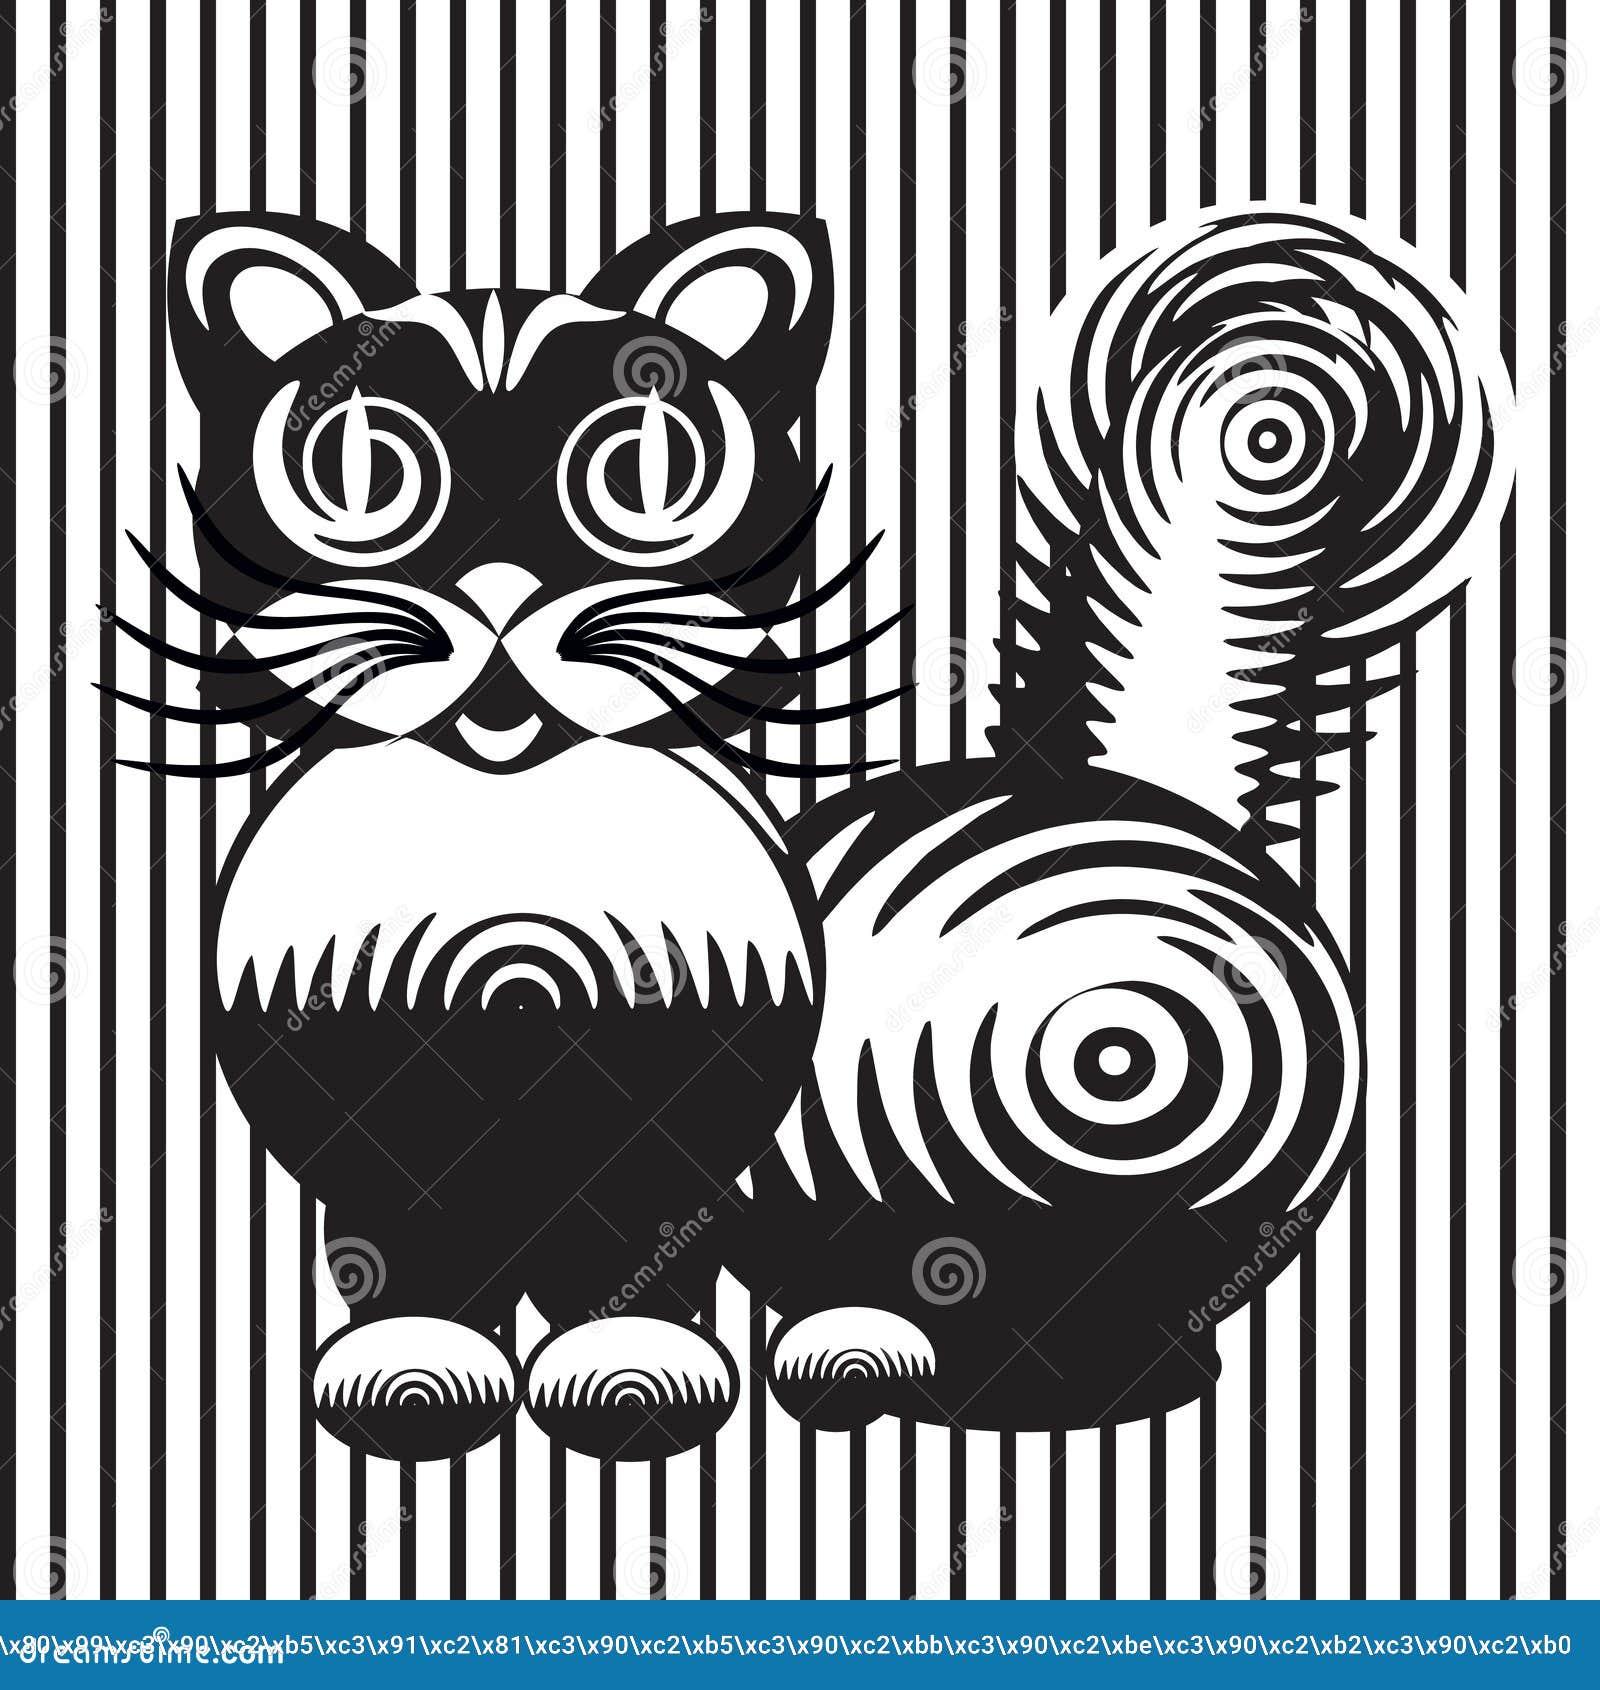 Disegno Stilizzato Di Un Gatto Illustrazione Vettoriale